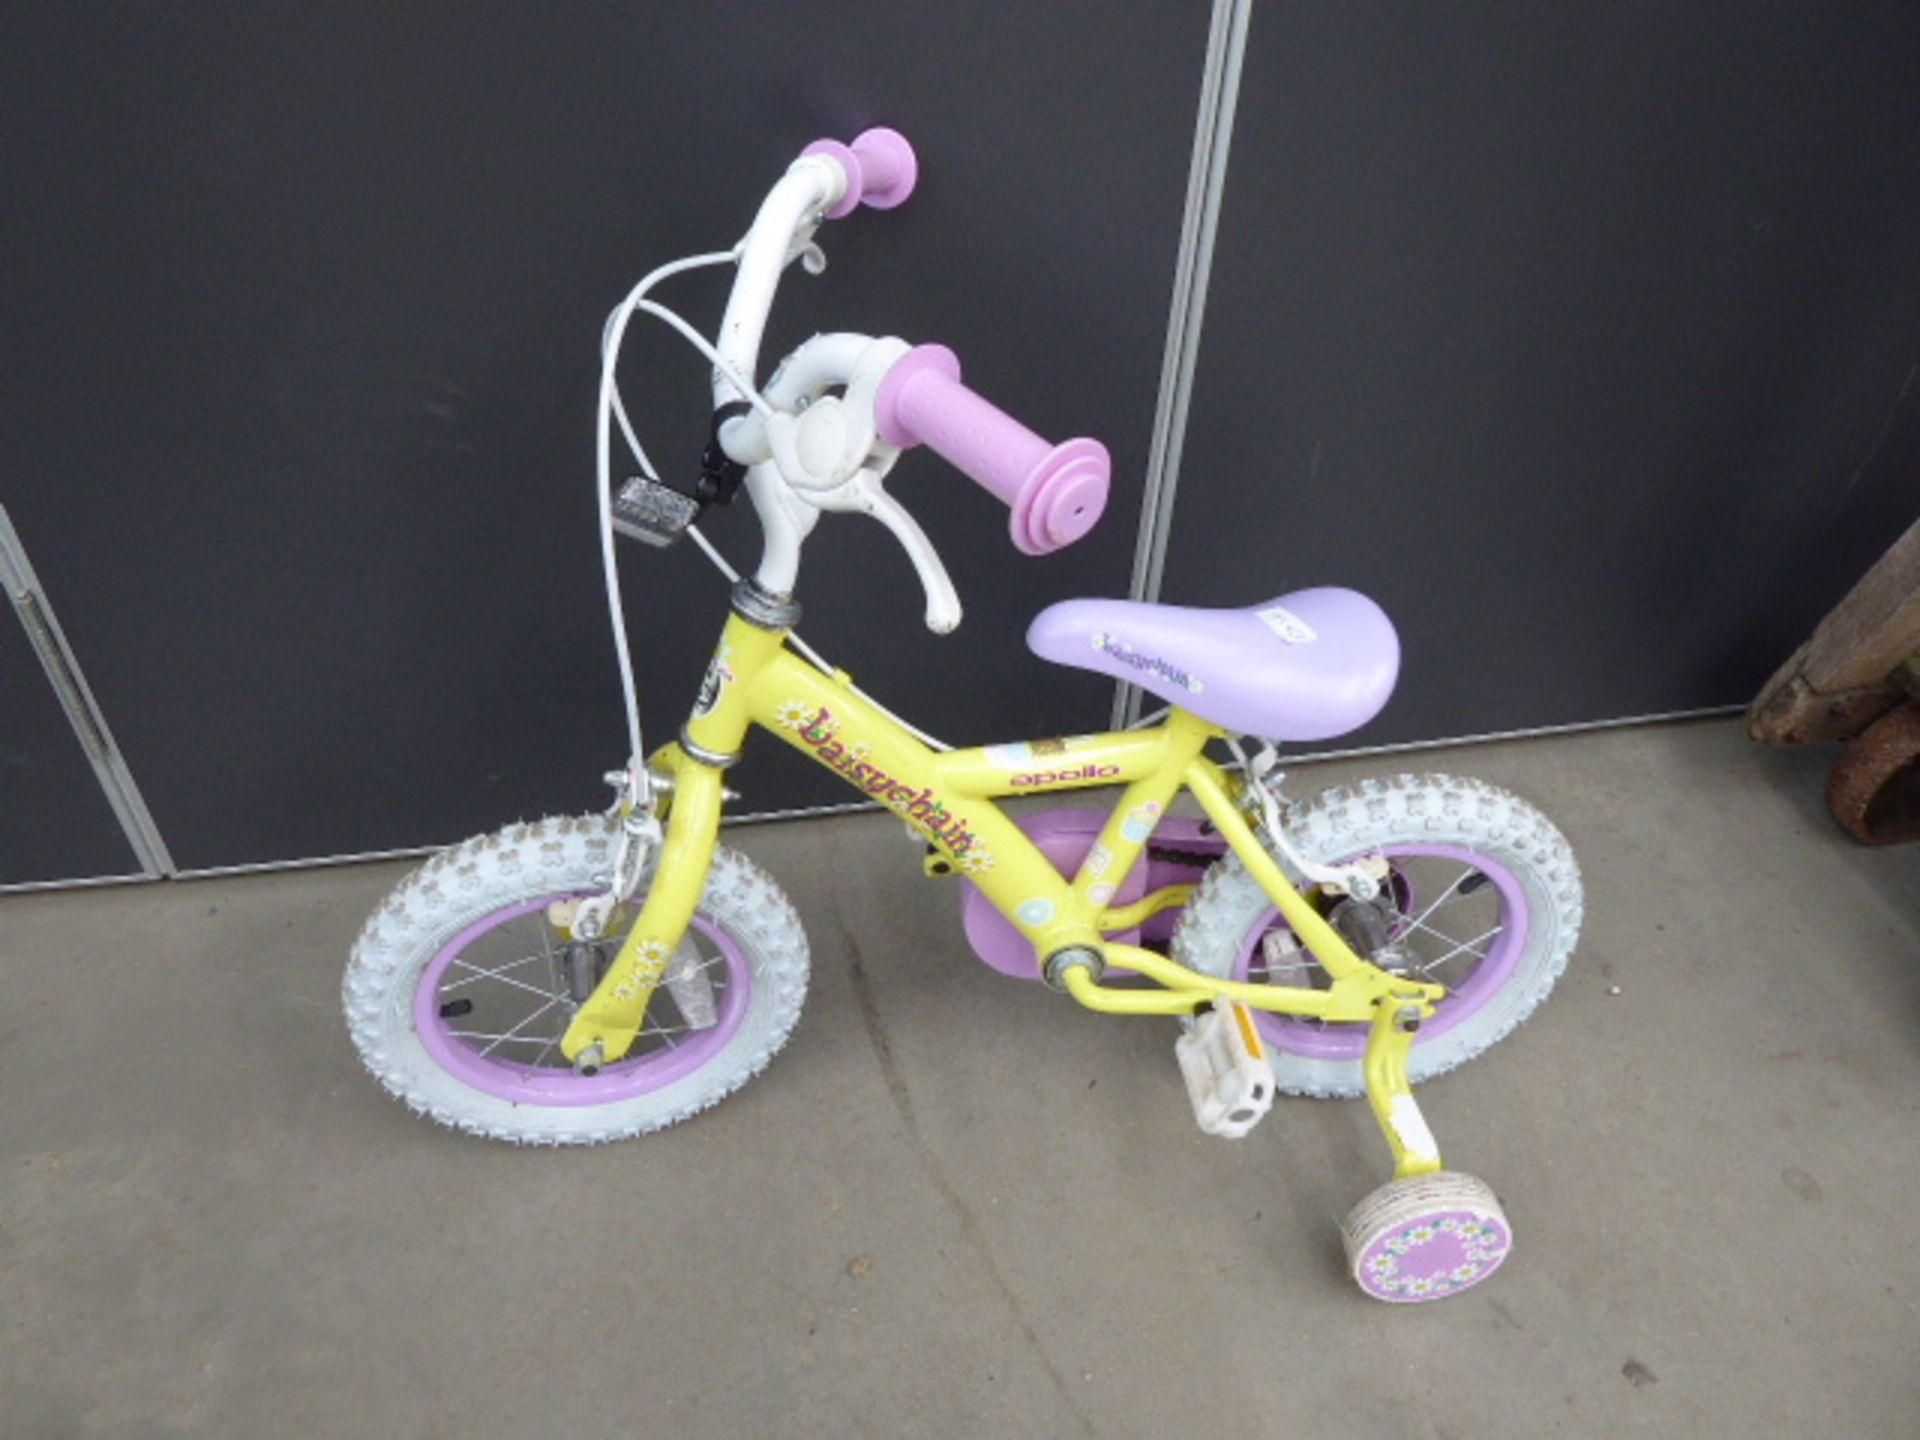 Lot 4283 - 2 Yellow and purple girls bikes